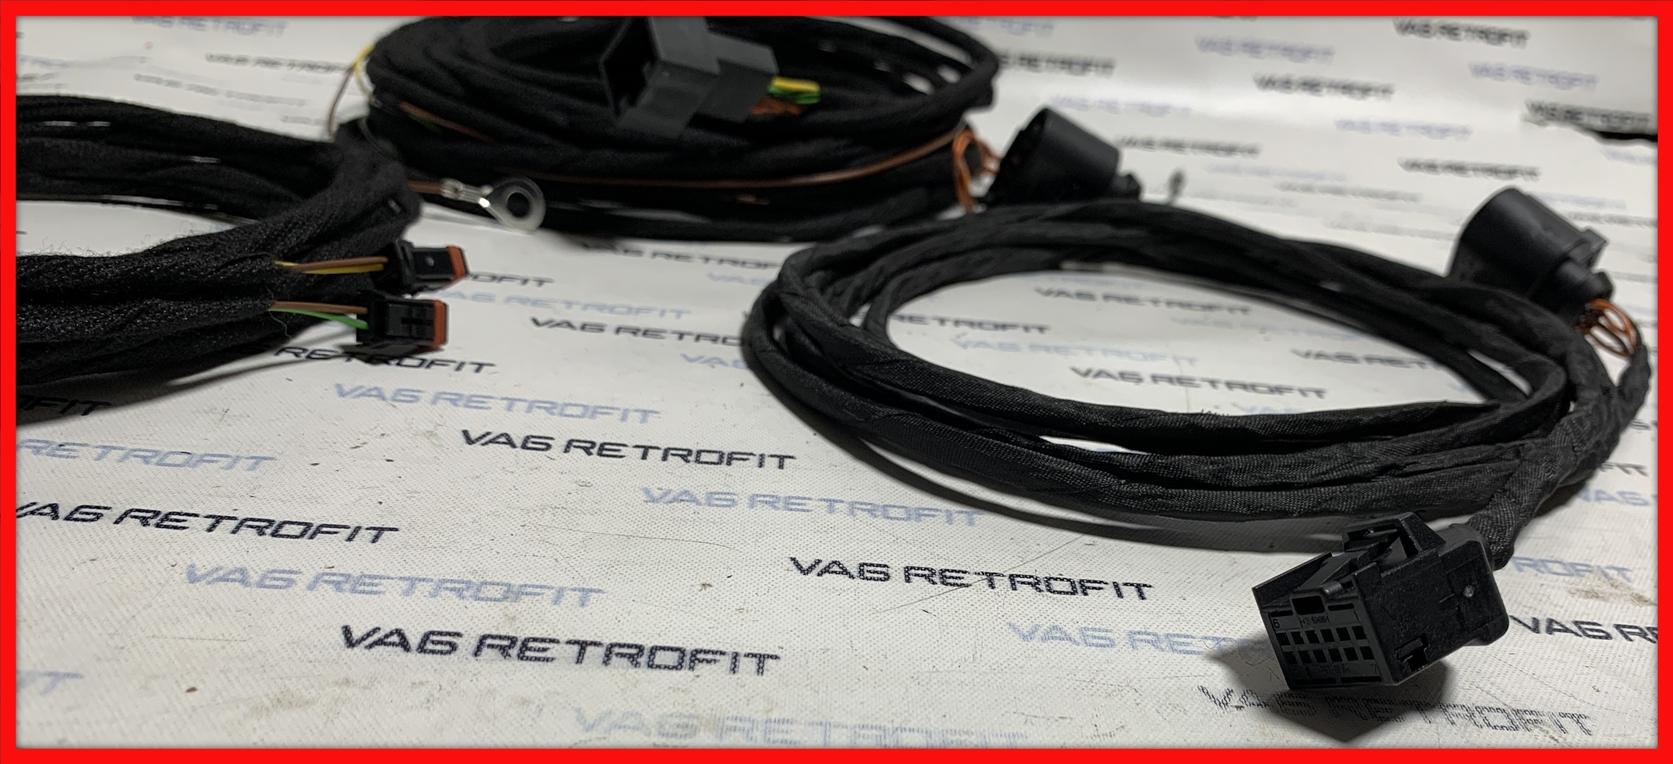 Poza 4 - Cablu / Cablaj Side Assist / Rear Traffic VW Golf 7 VII Passat B8 SKODA SEAT AUDI